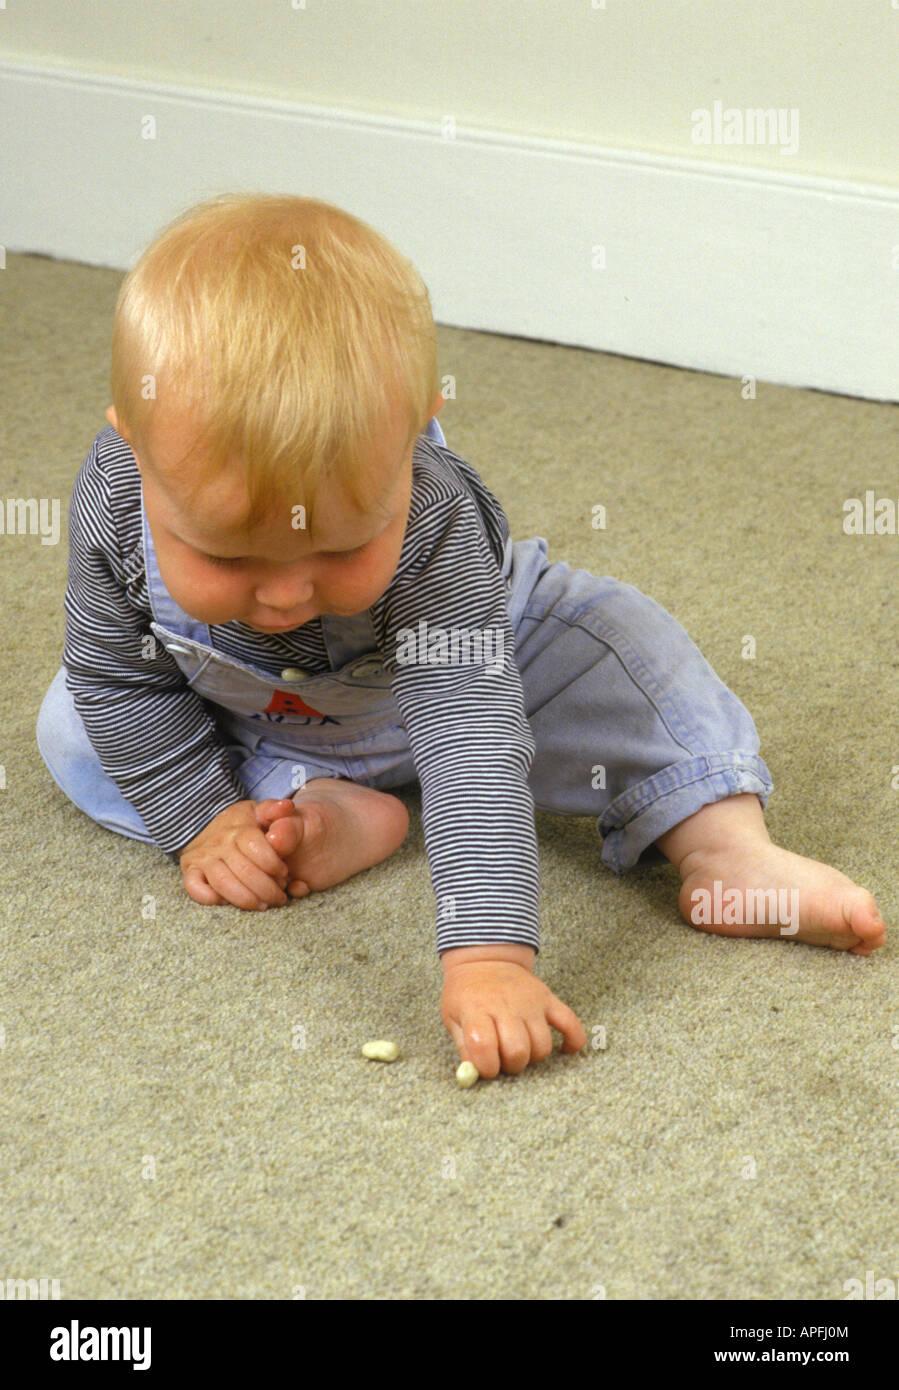 Prendre bébé sur un tapis de l'objet Photo Stock